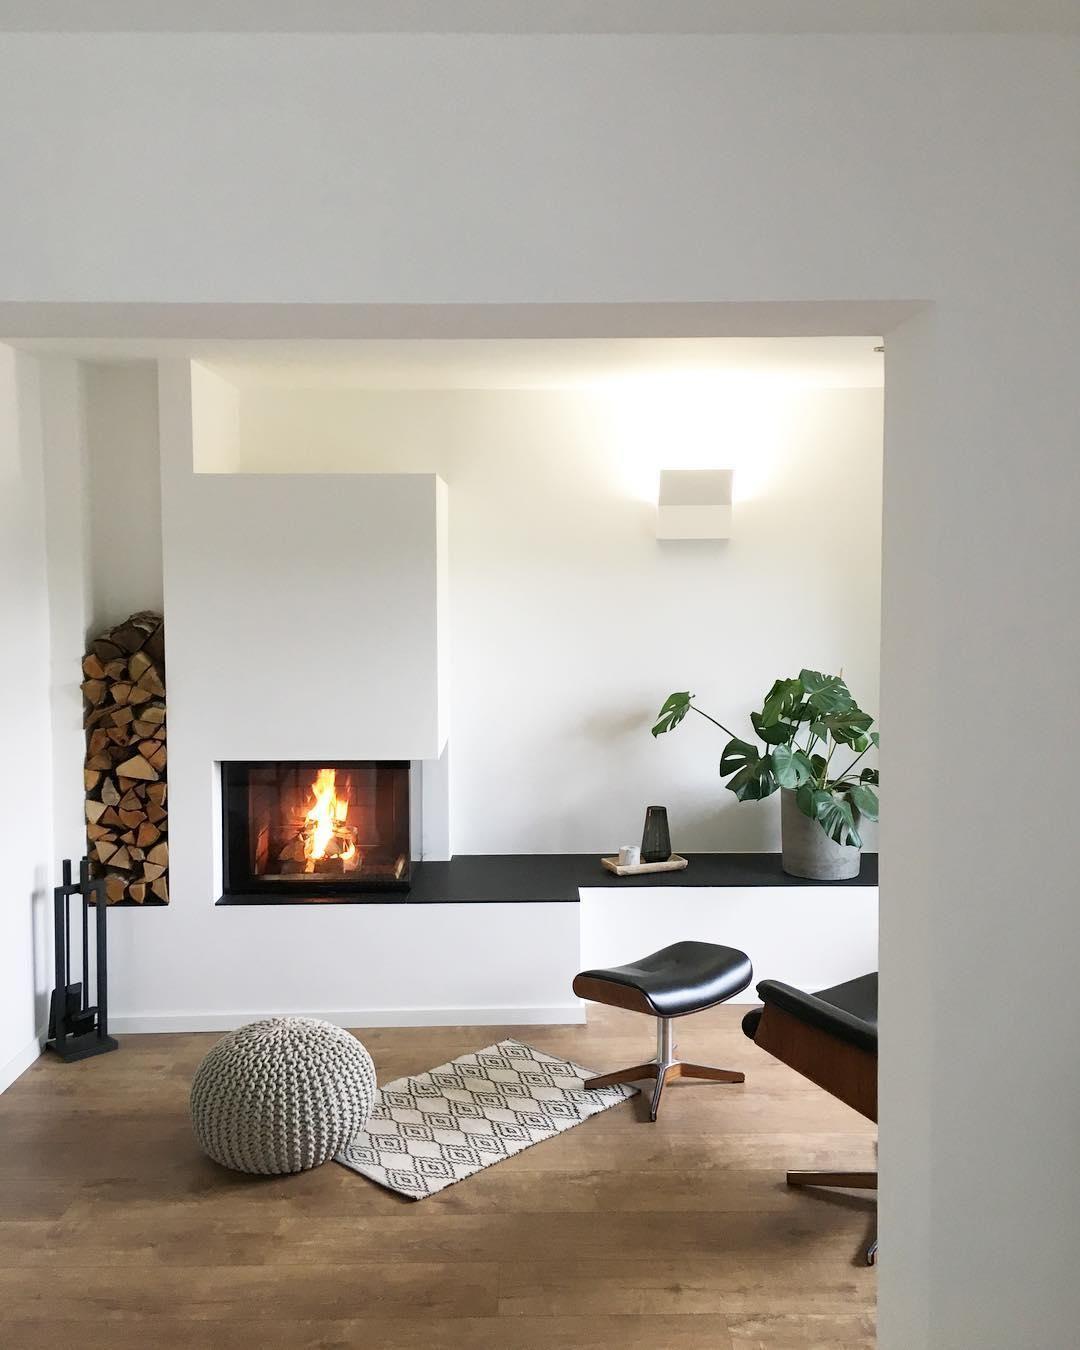 Großartig Knisterndes Feuer, Warme Flammen Und Lodernde Gemütlichkeit U2013 Ein Kamin Im  Wohnzimmer Ist Gerade Im